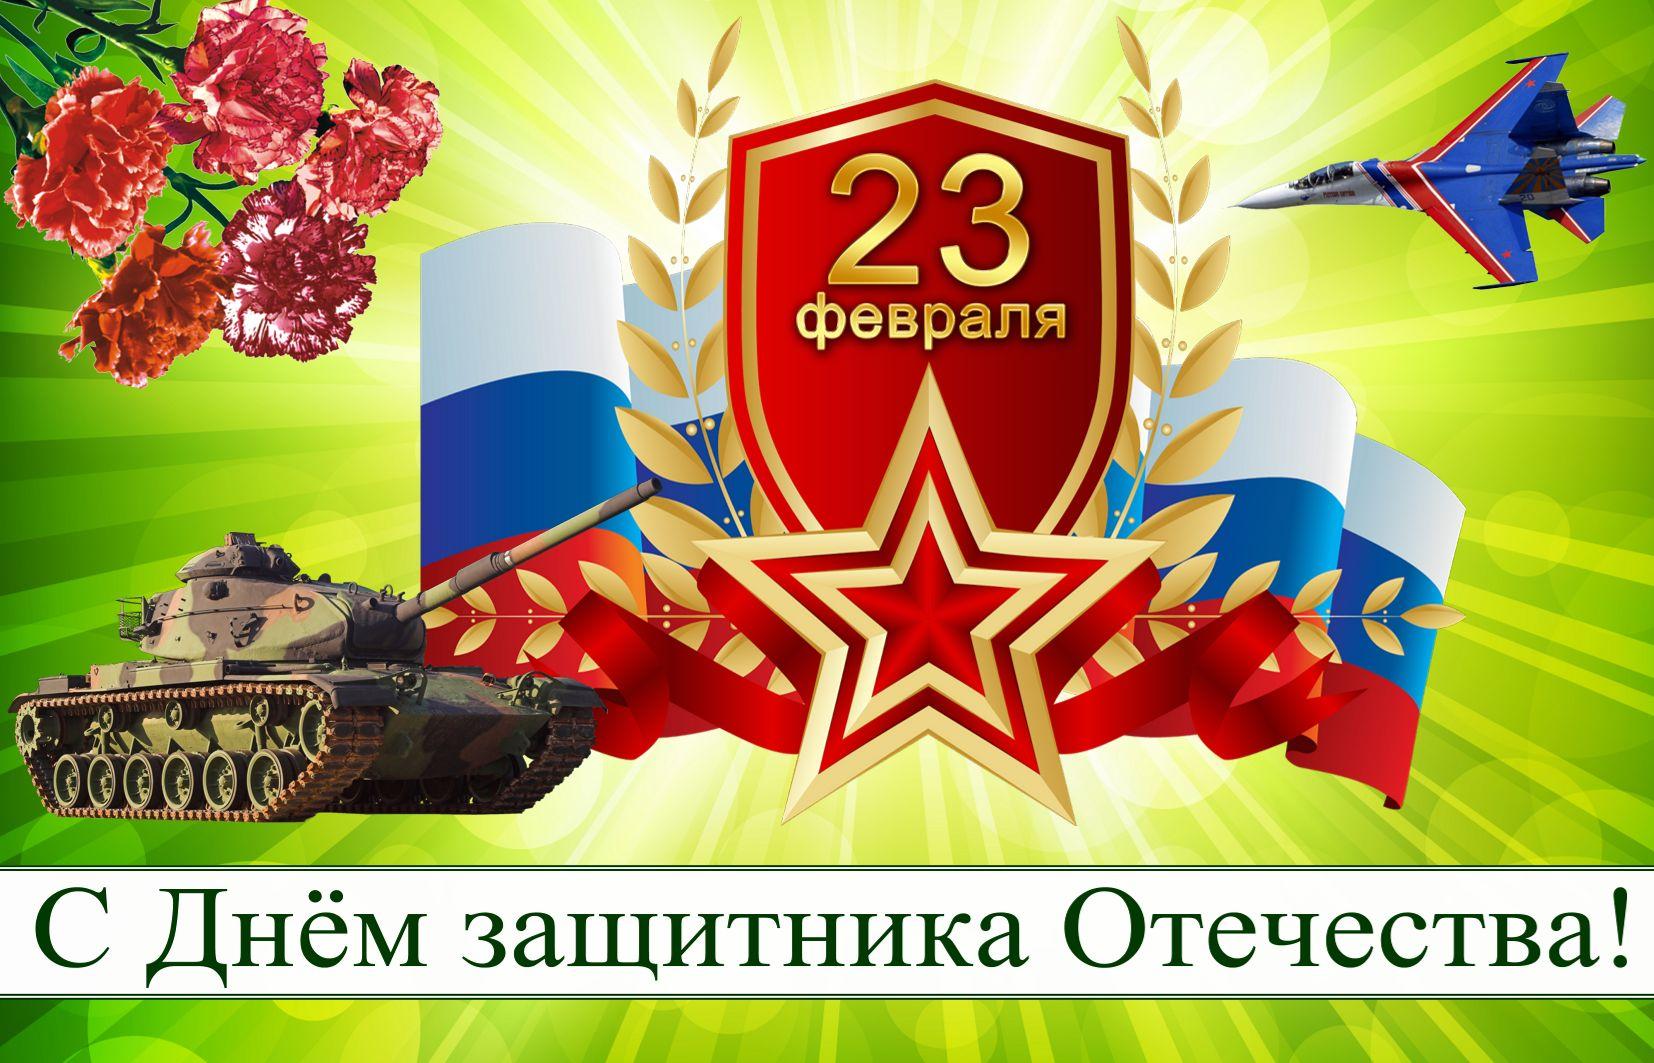 Февраля, с днем российской армии открытка